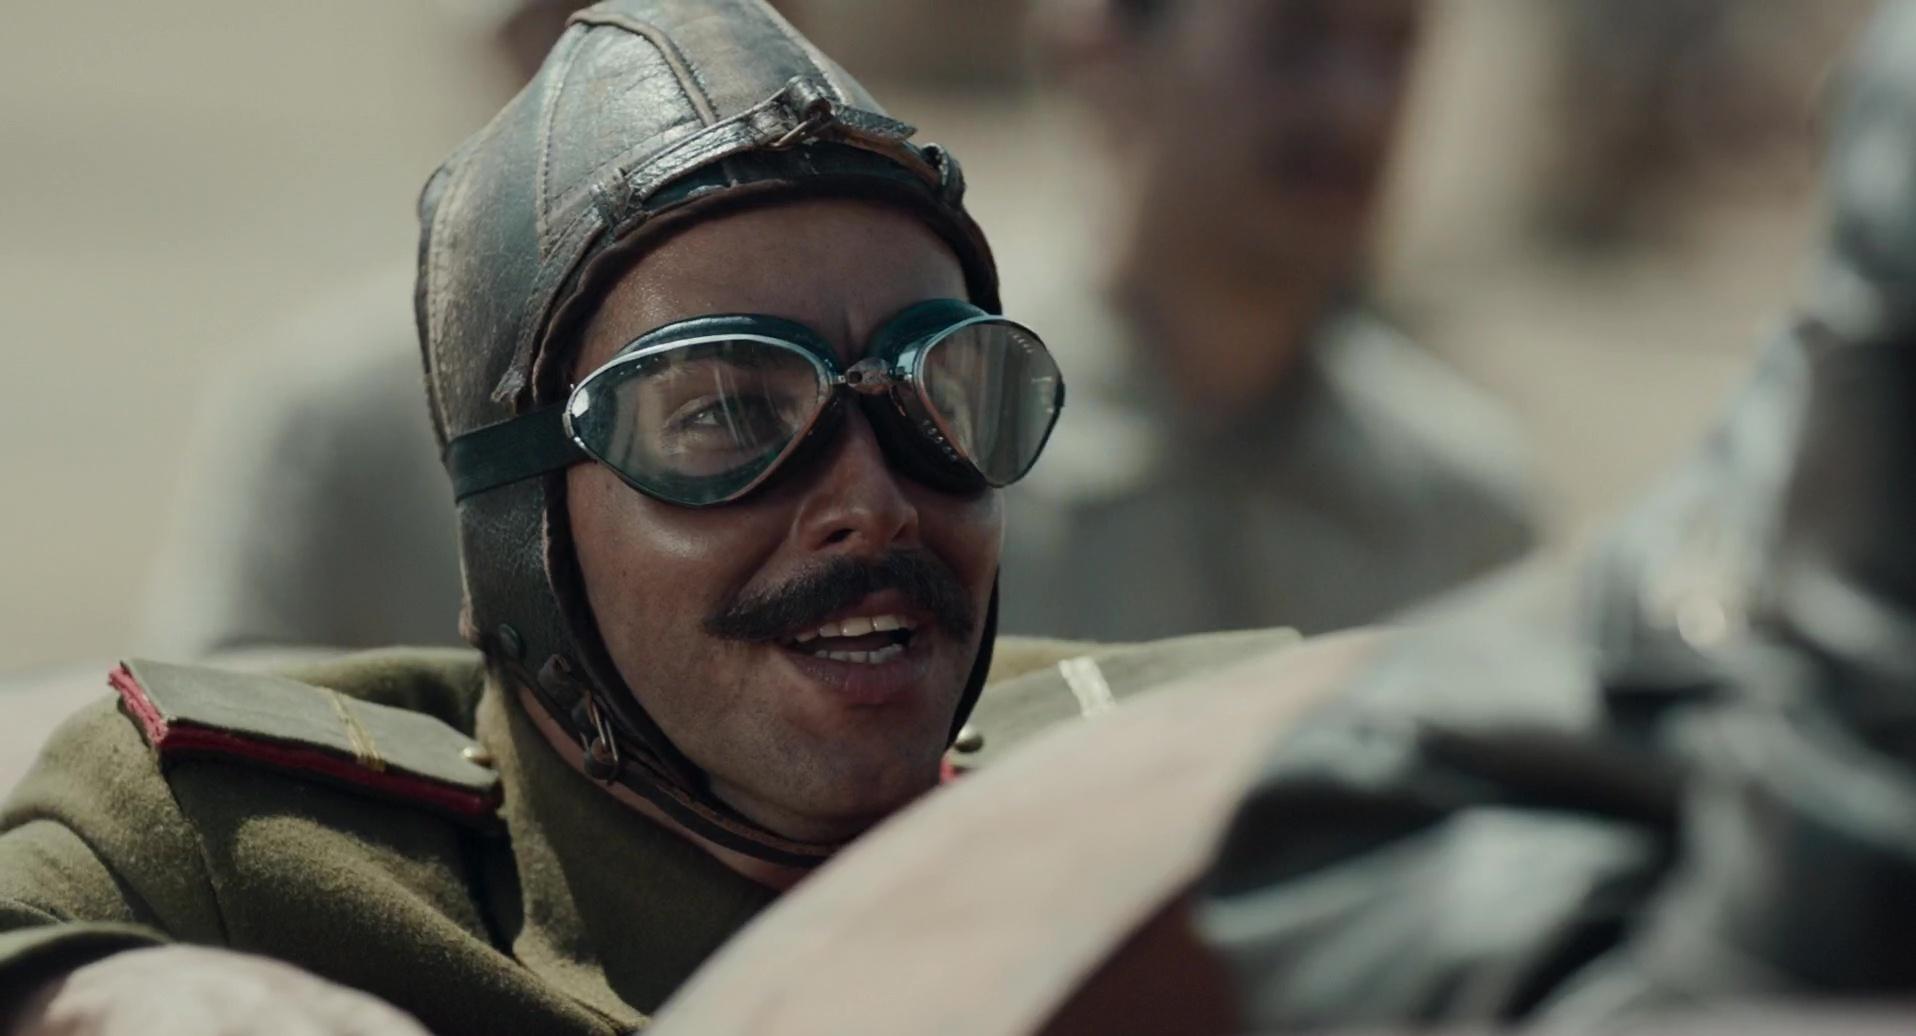 Hürkuş: Göklerdeki Kahraman | 2018 | Yerli Film | WEB-DL | XviD | Sansürsüz | m720p - m1080p | WEB-DL | Tek Link